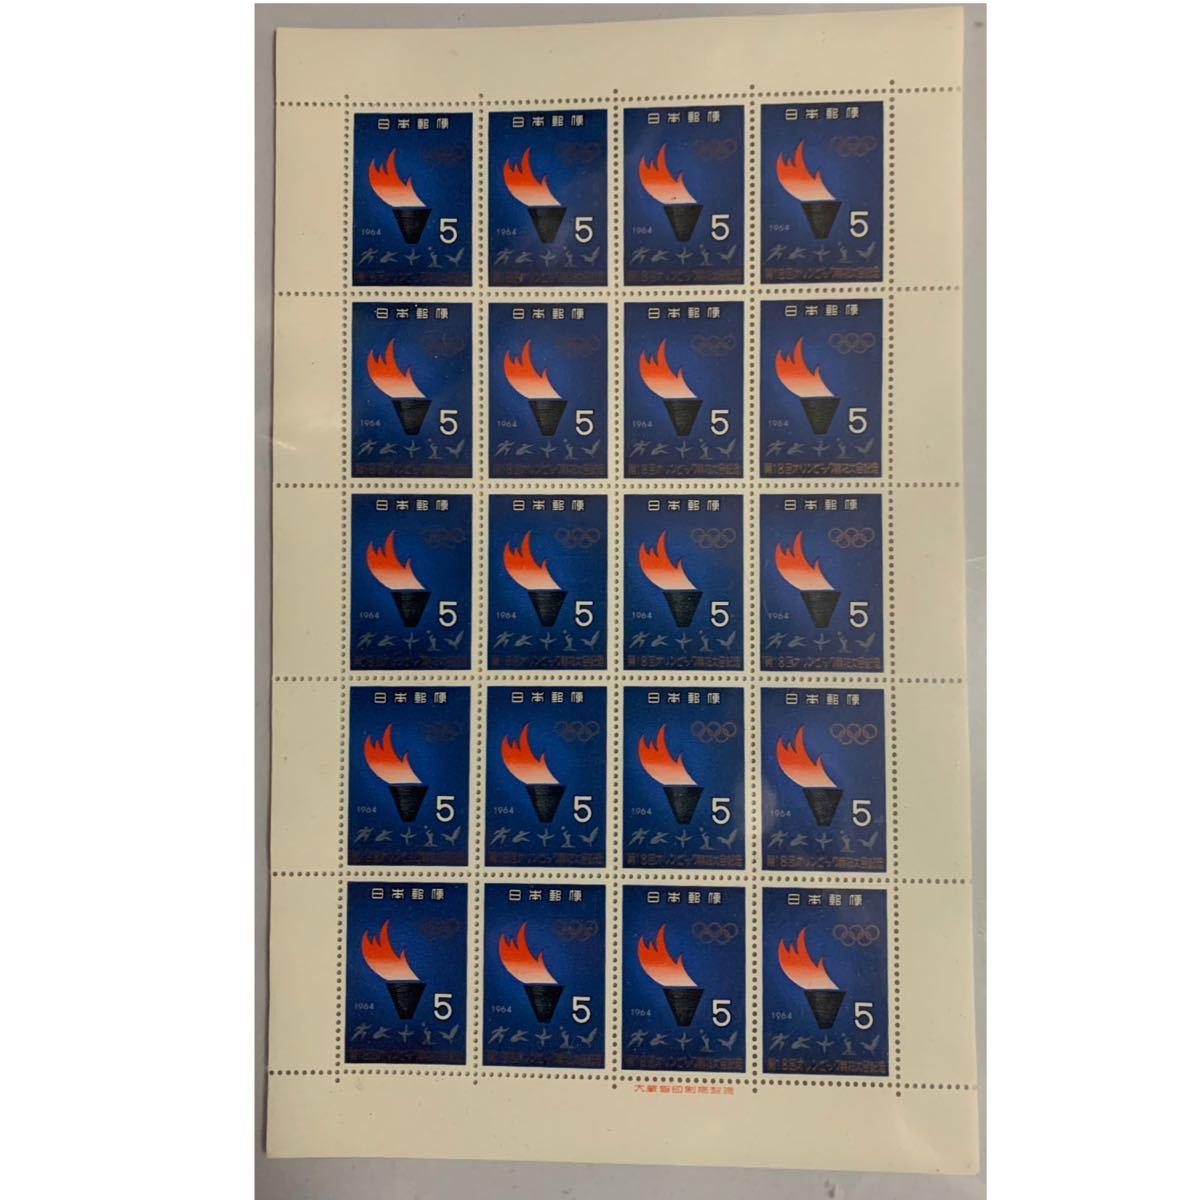 東京オリンピック1964   聖火台と選手切手 切手 切手シート 記念切手